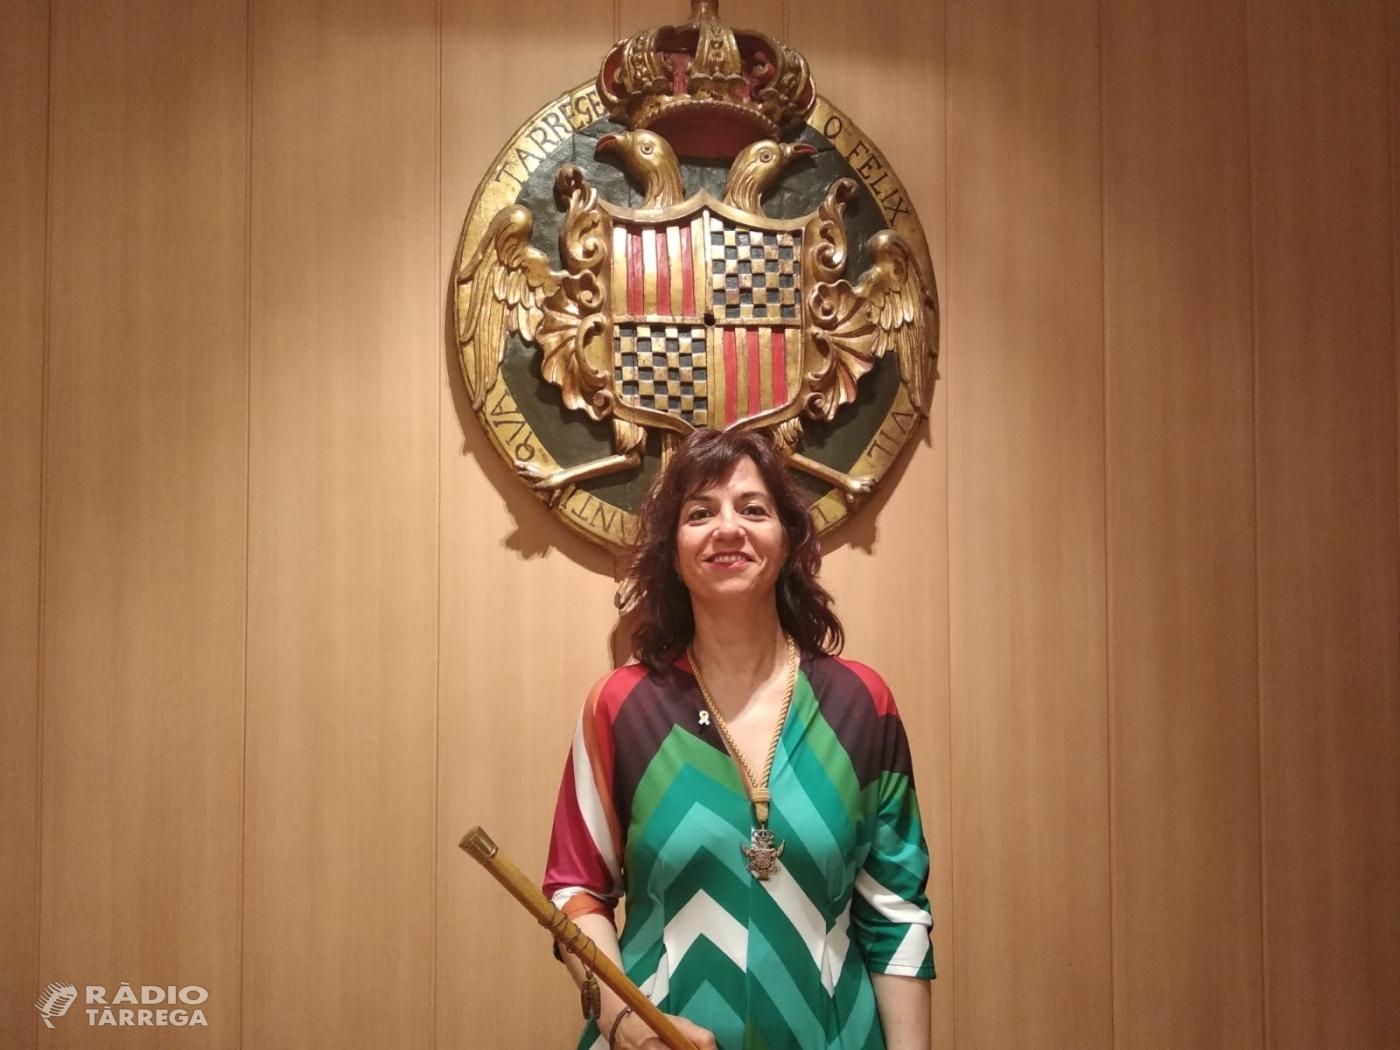 Maria Alba Pijuan Vallverdú és proclamada la nova alcaldessa de Tàrrega